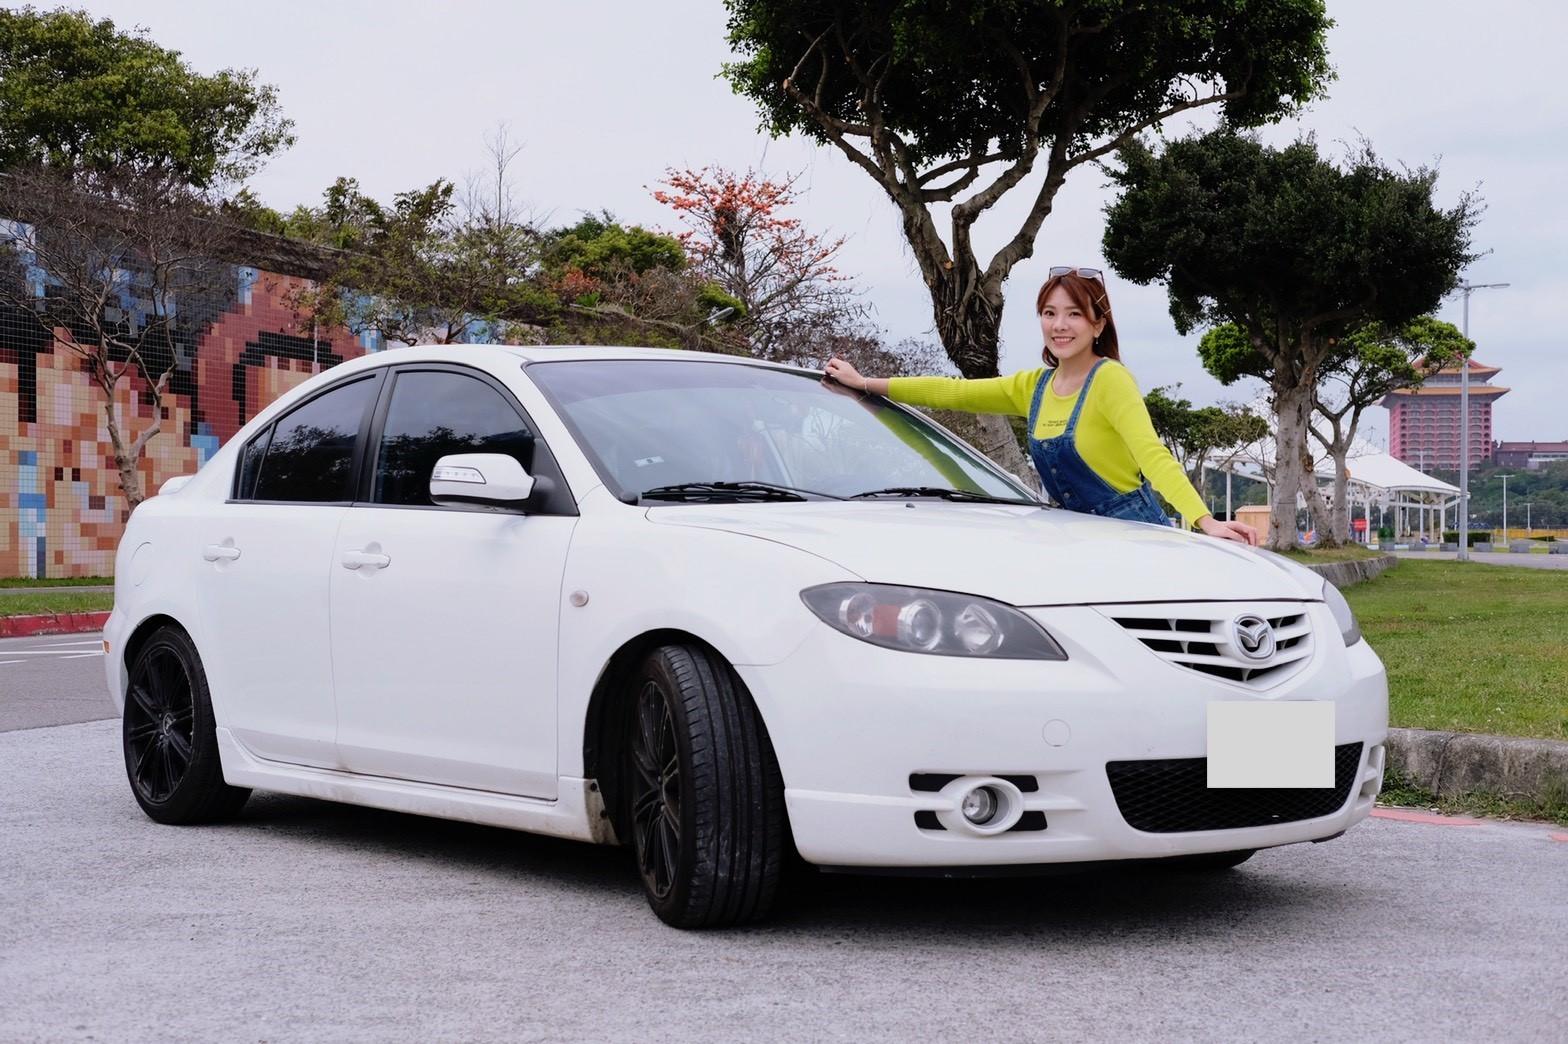 ▲小優接手哥哥的mazda3,入手1個月就花錢保養維修,幸好愛車的性能操控和外型空間,都讓她很滿意。